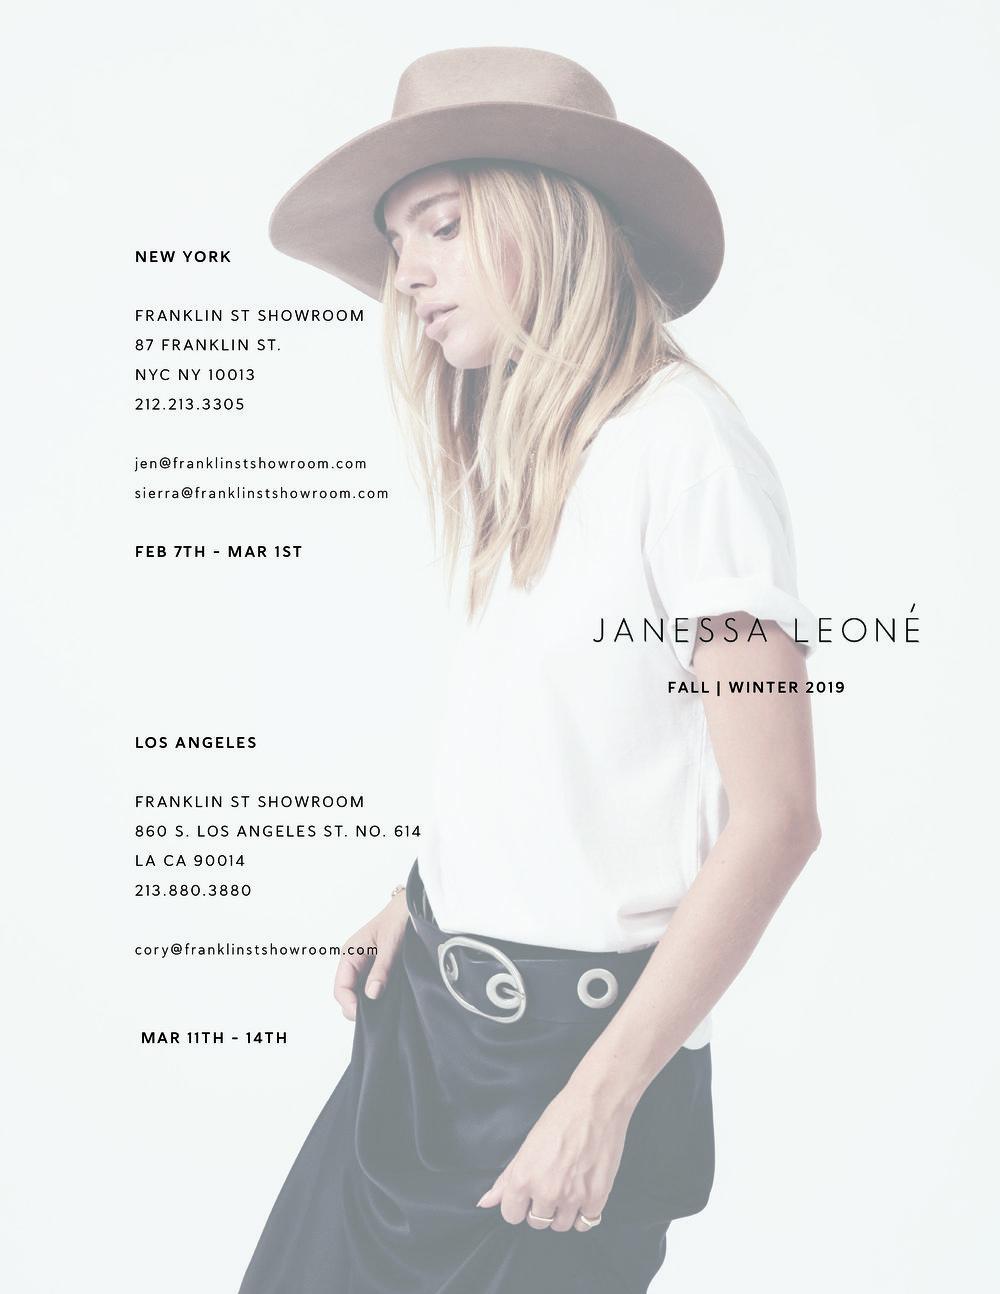 JANESSA LEONE FALL 2019 INVITE.jpg